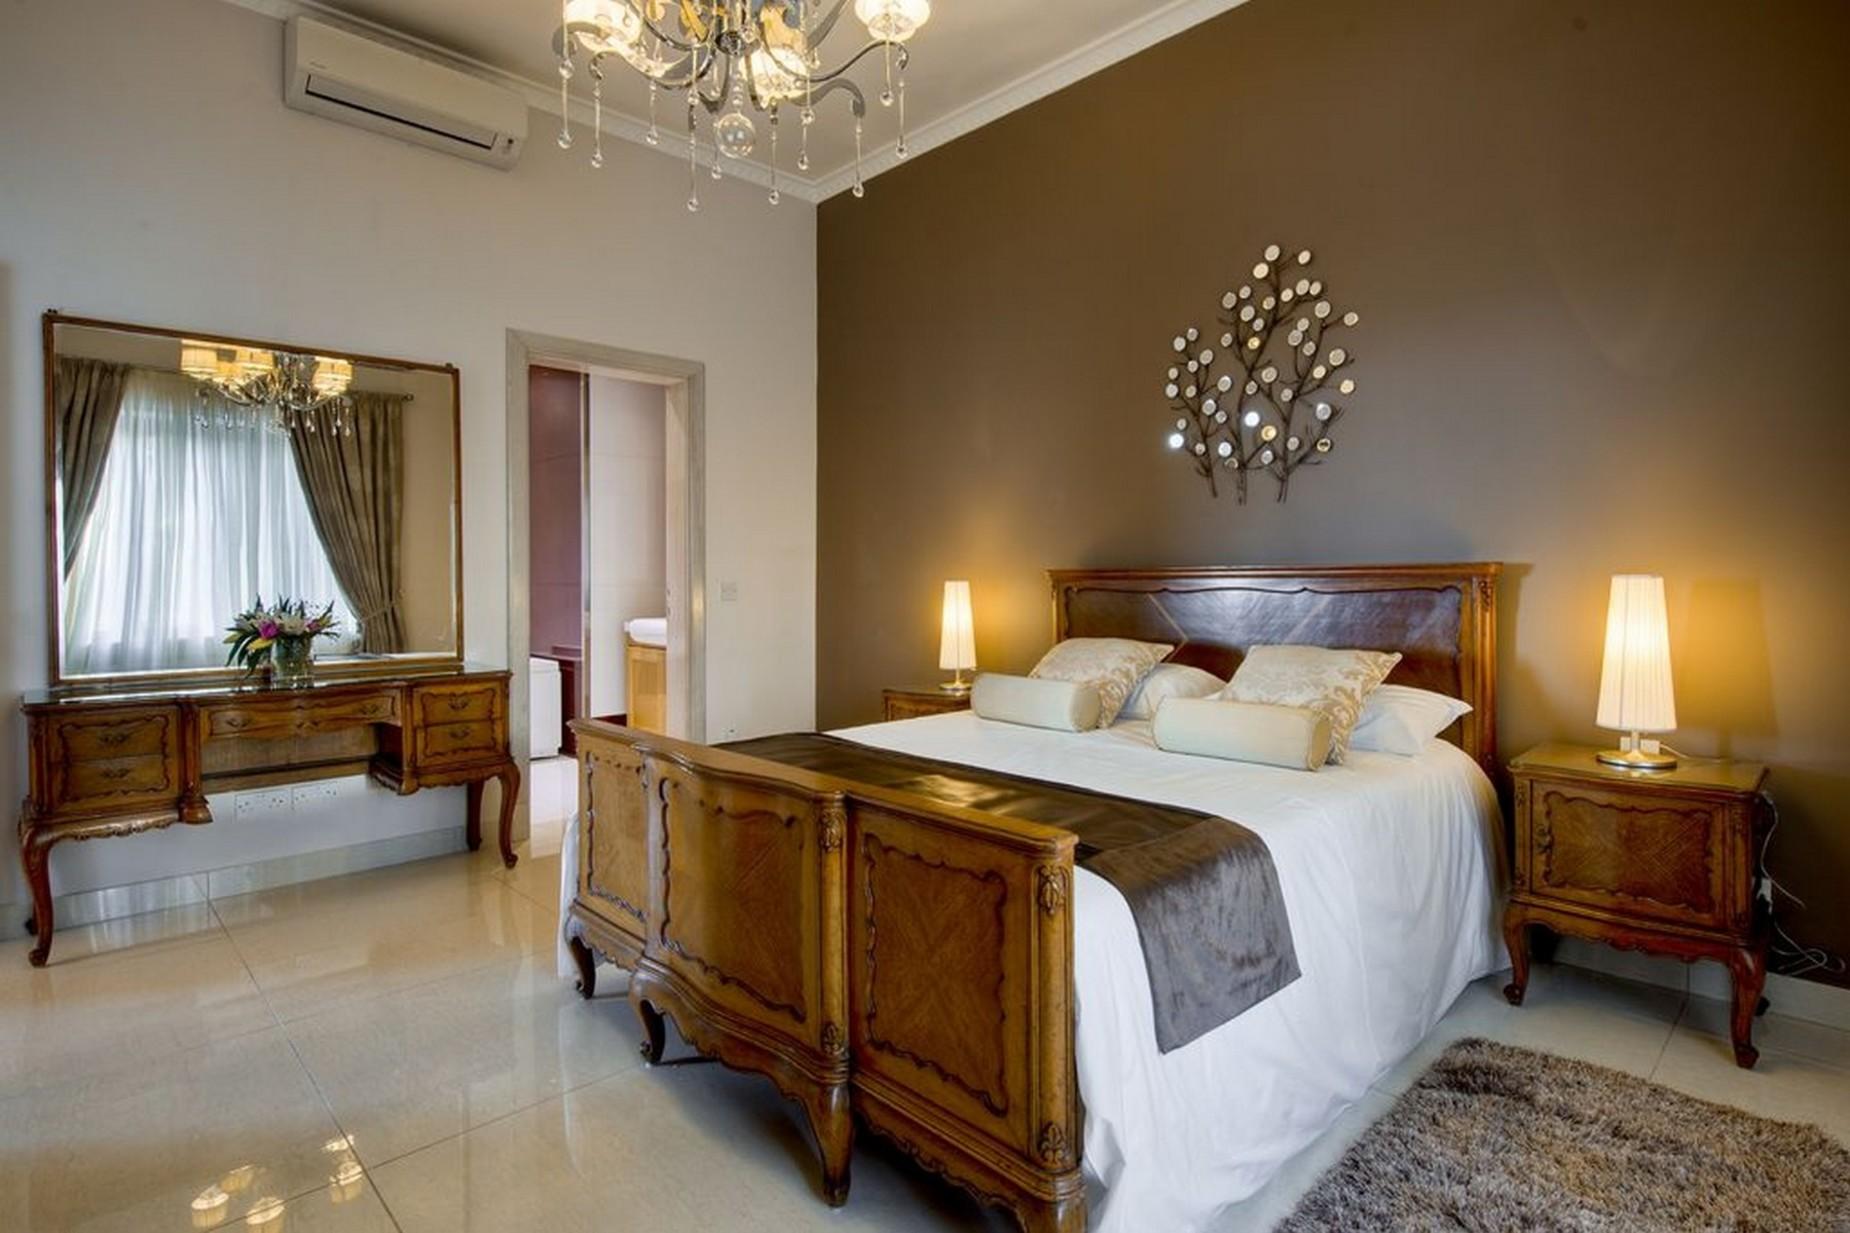 3 bed Villa For Rent in Zurrieq, Zurrieq - thumb 7